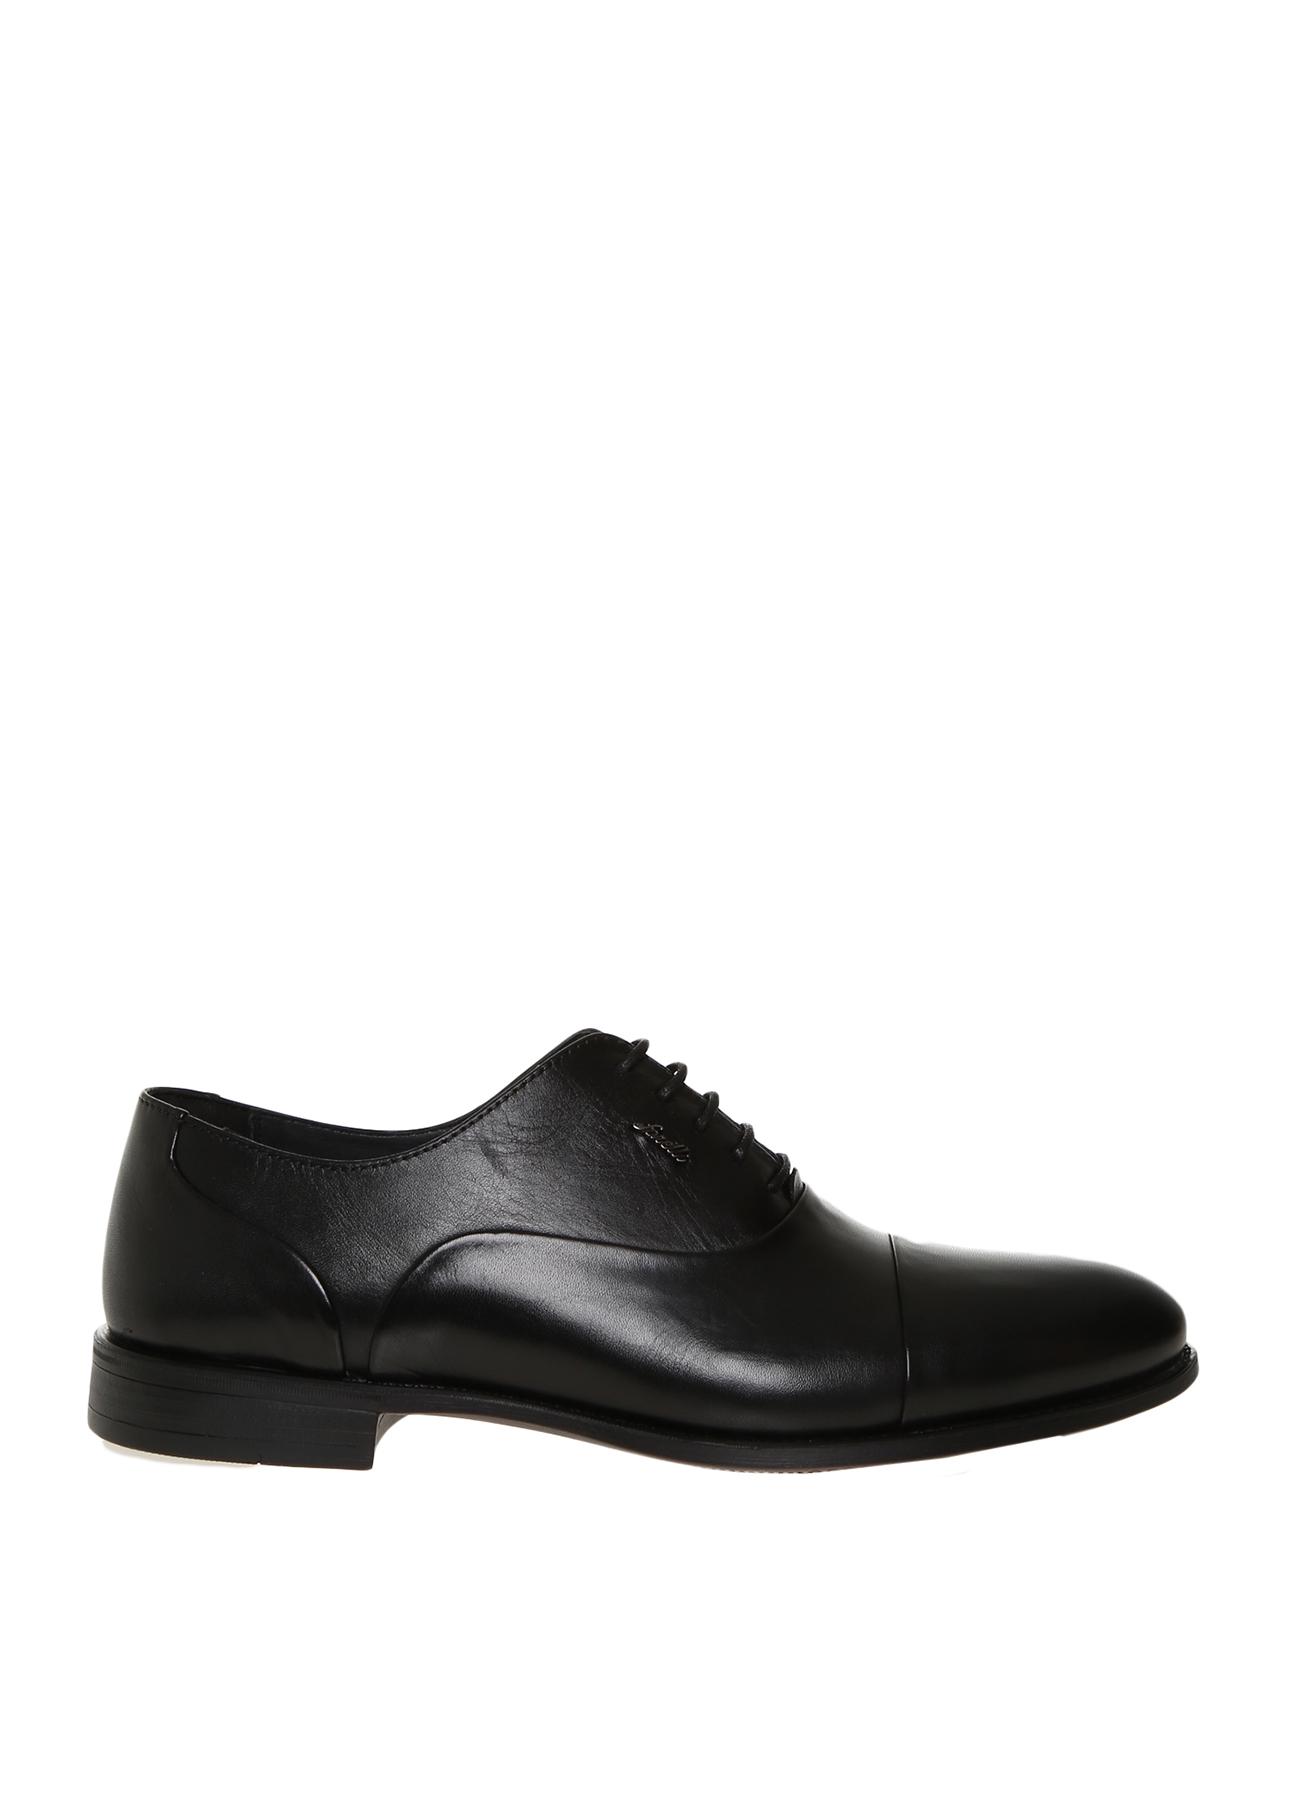 Forelli Erkek Deri Siyah Klasik Ayakkabı 42 5000217296003 Ürün Resmi